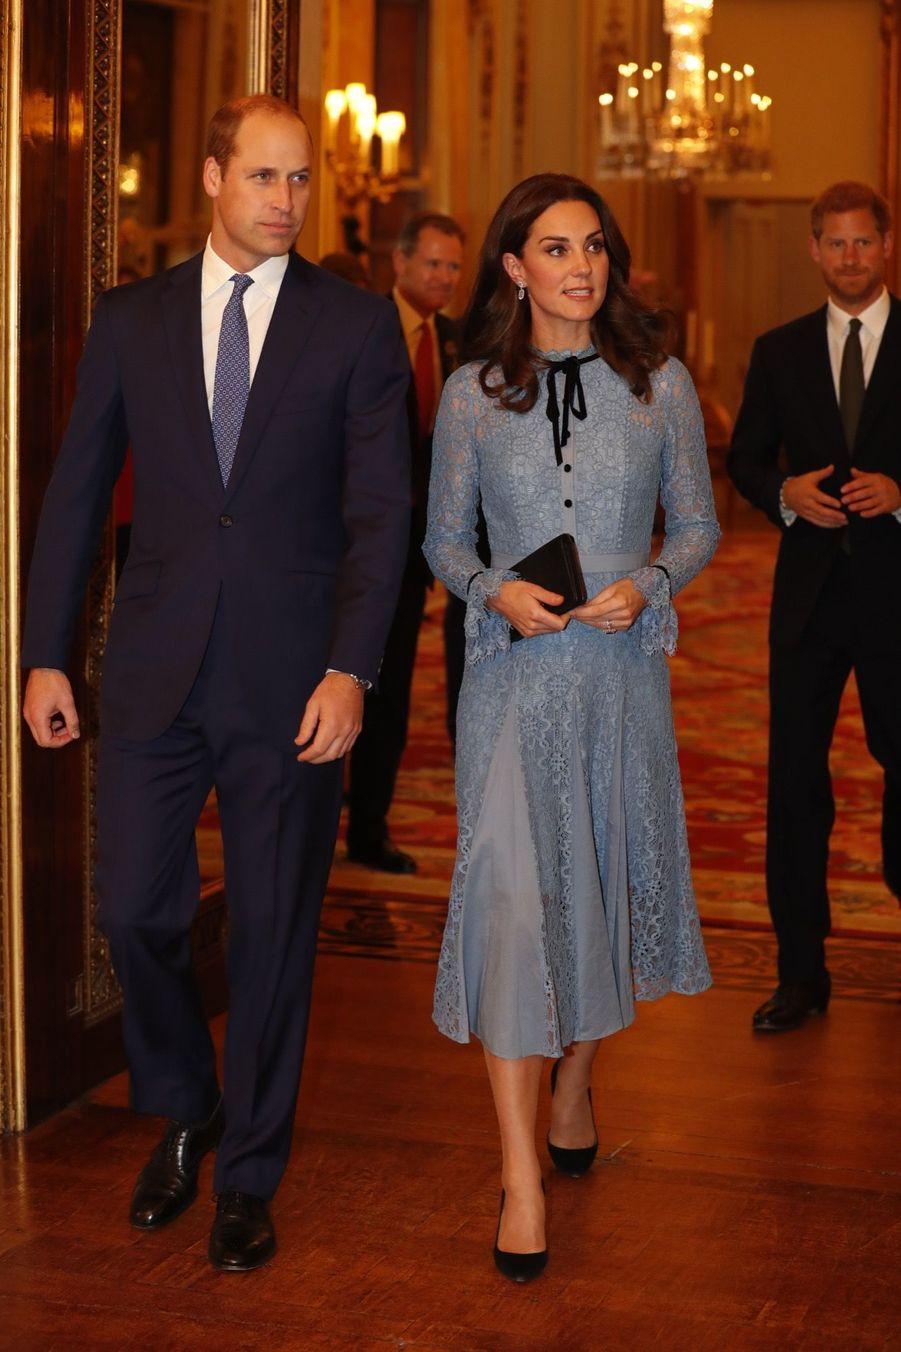 Kate, William et Harry lors d'une réception pour la journée de la santé mentale, à Buckingham palace, le 10 octobre 2017